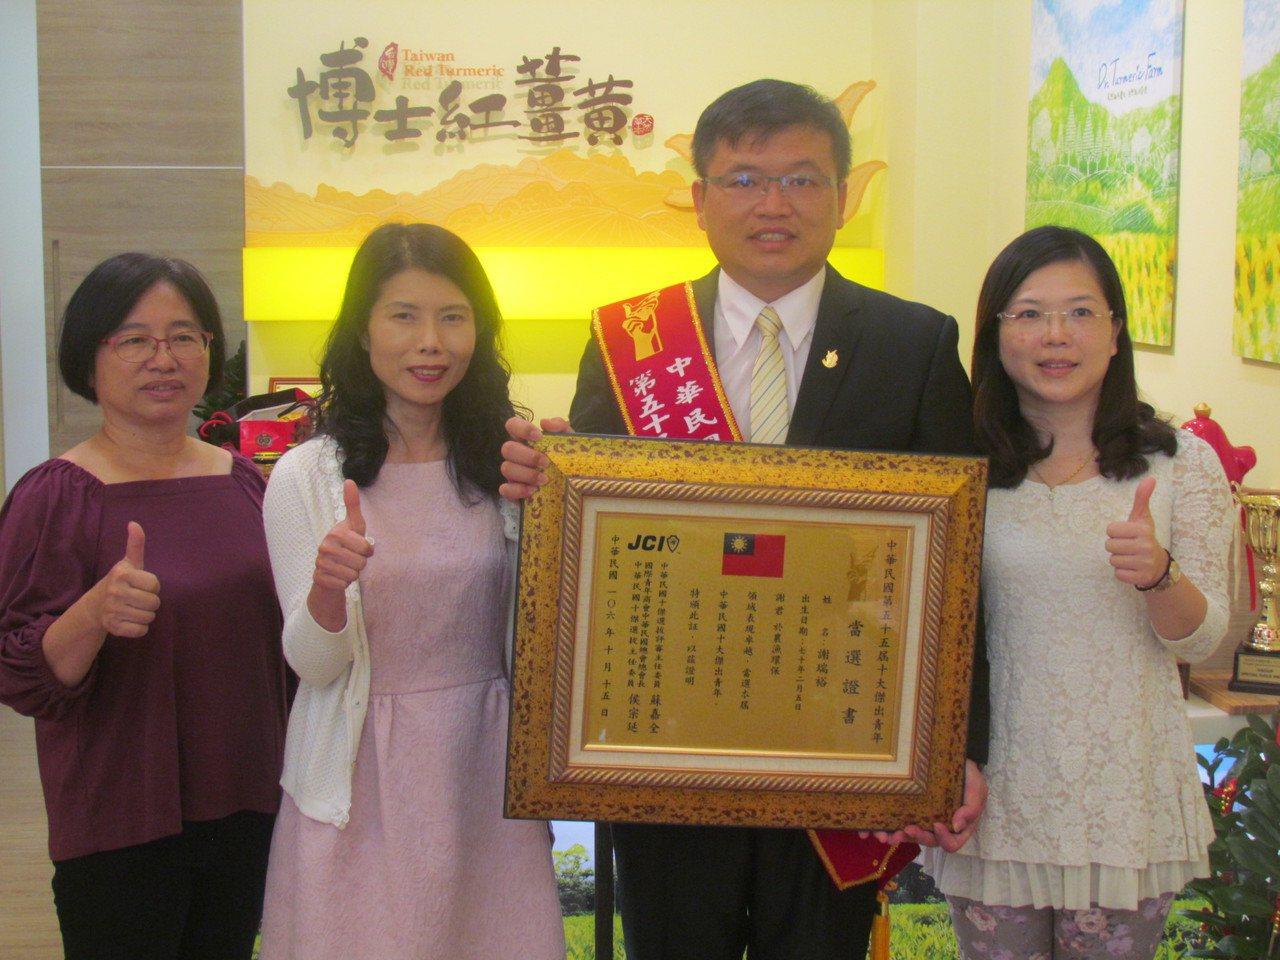 農業博士謝瑞裕(右2)獲選了今年度「全國十大傑出青年」。他很感謝母親(左1)和妻...